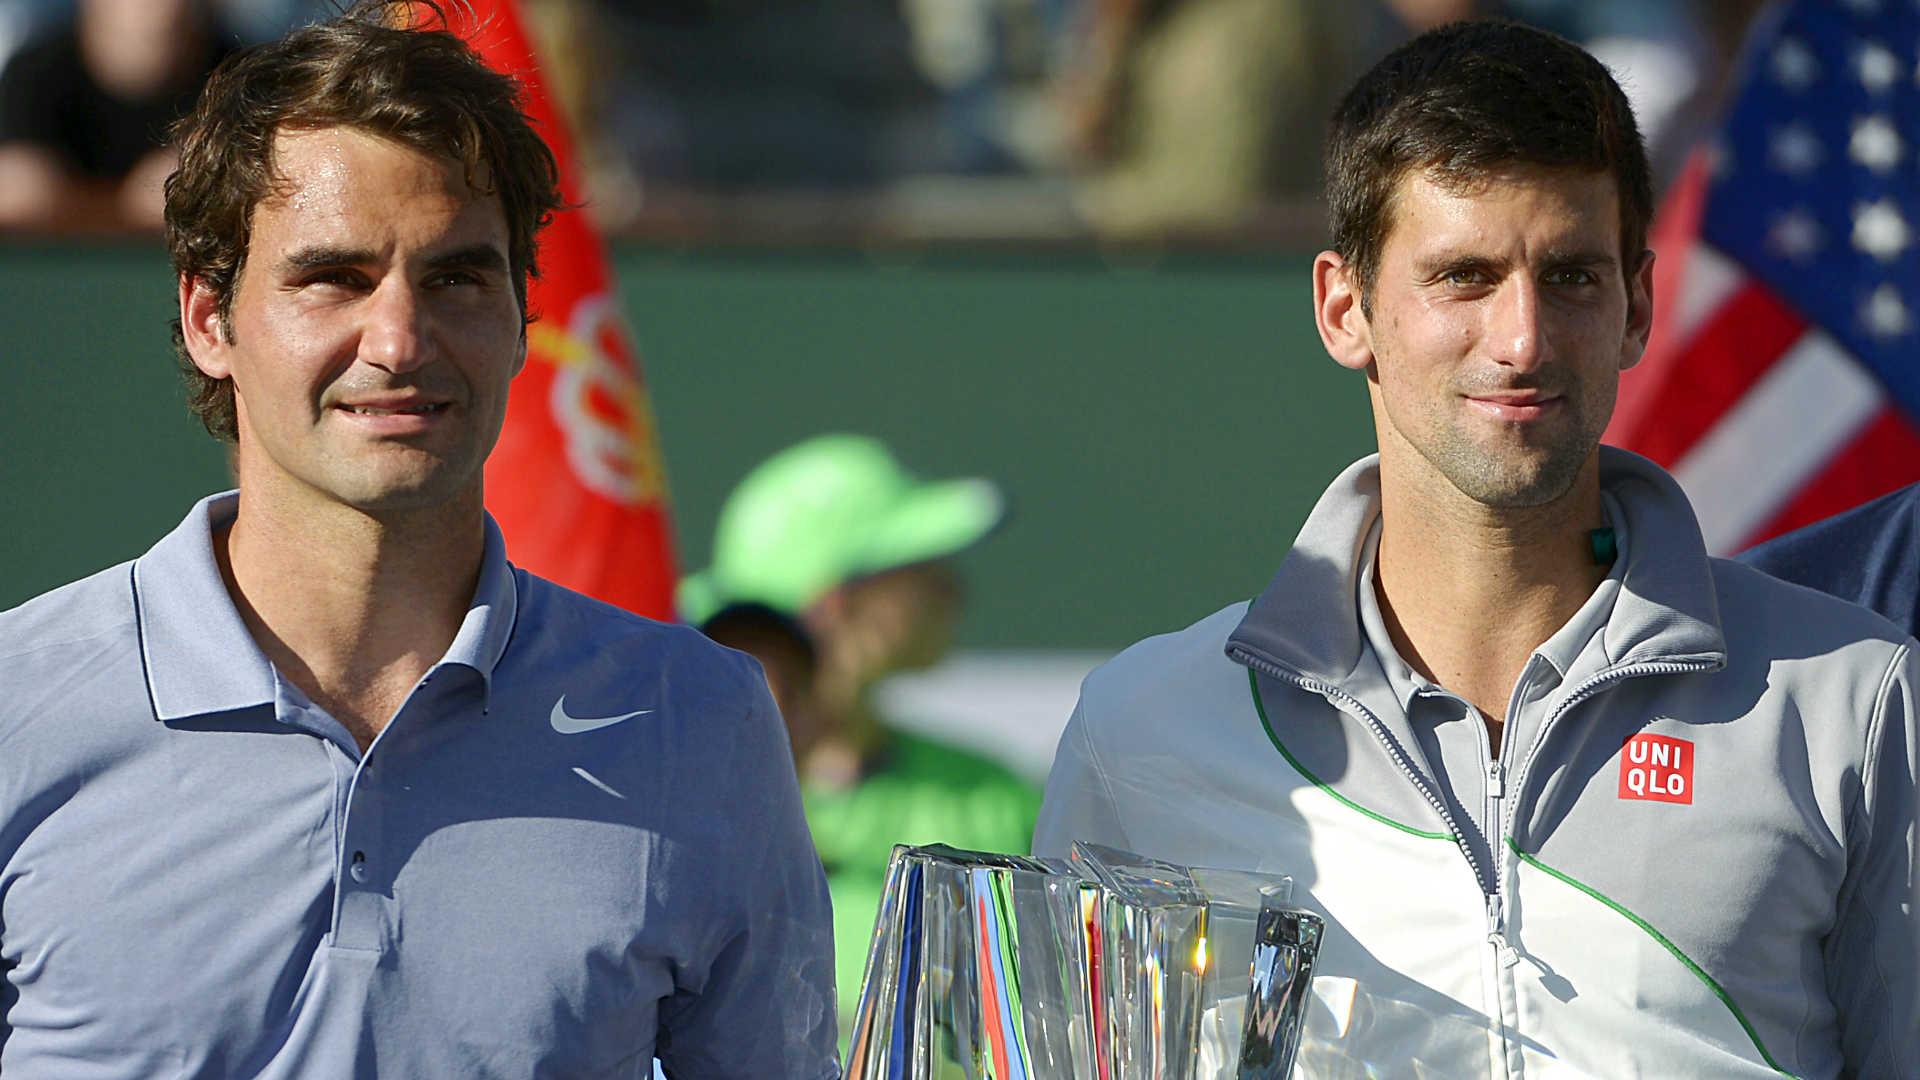 Federer-Djokovic-031614-AP-FTR.jpg